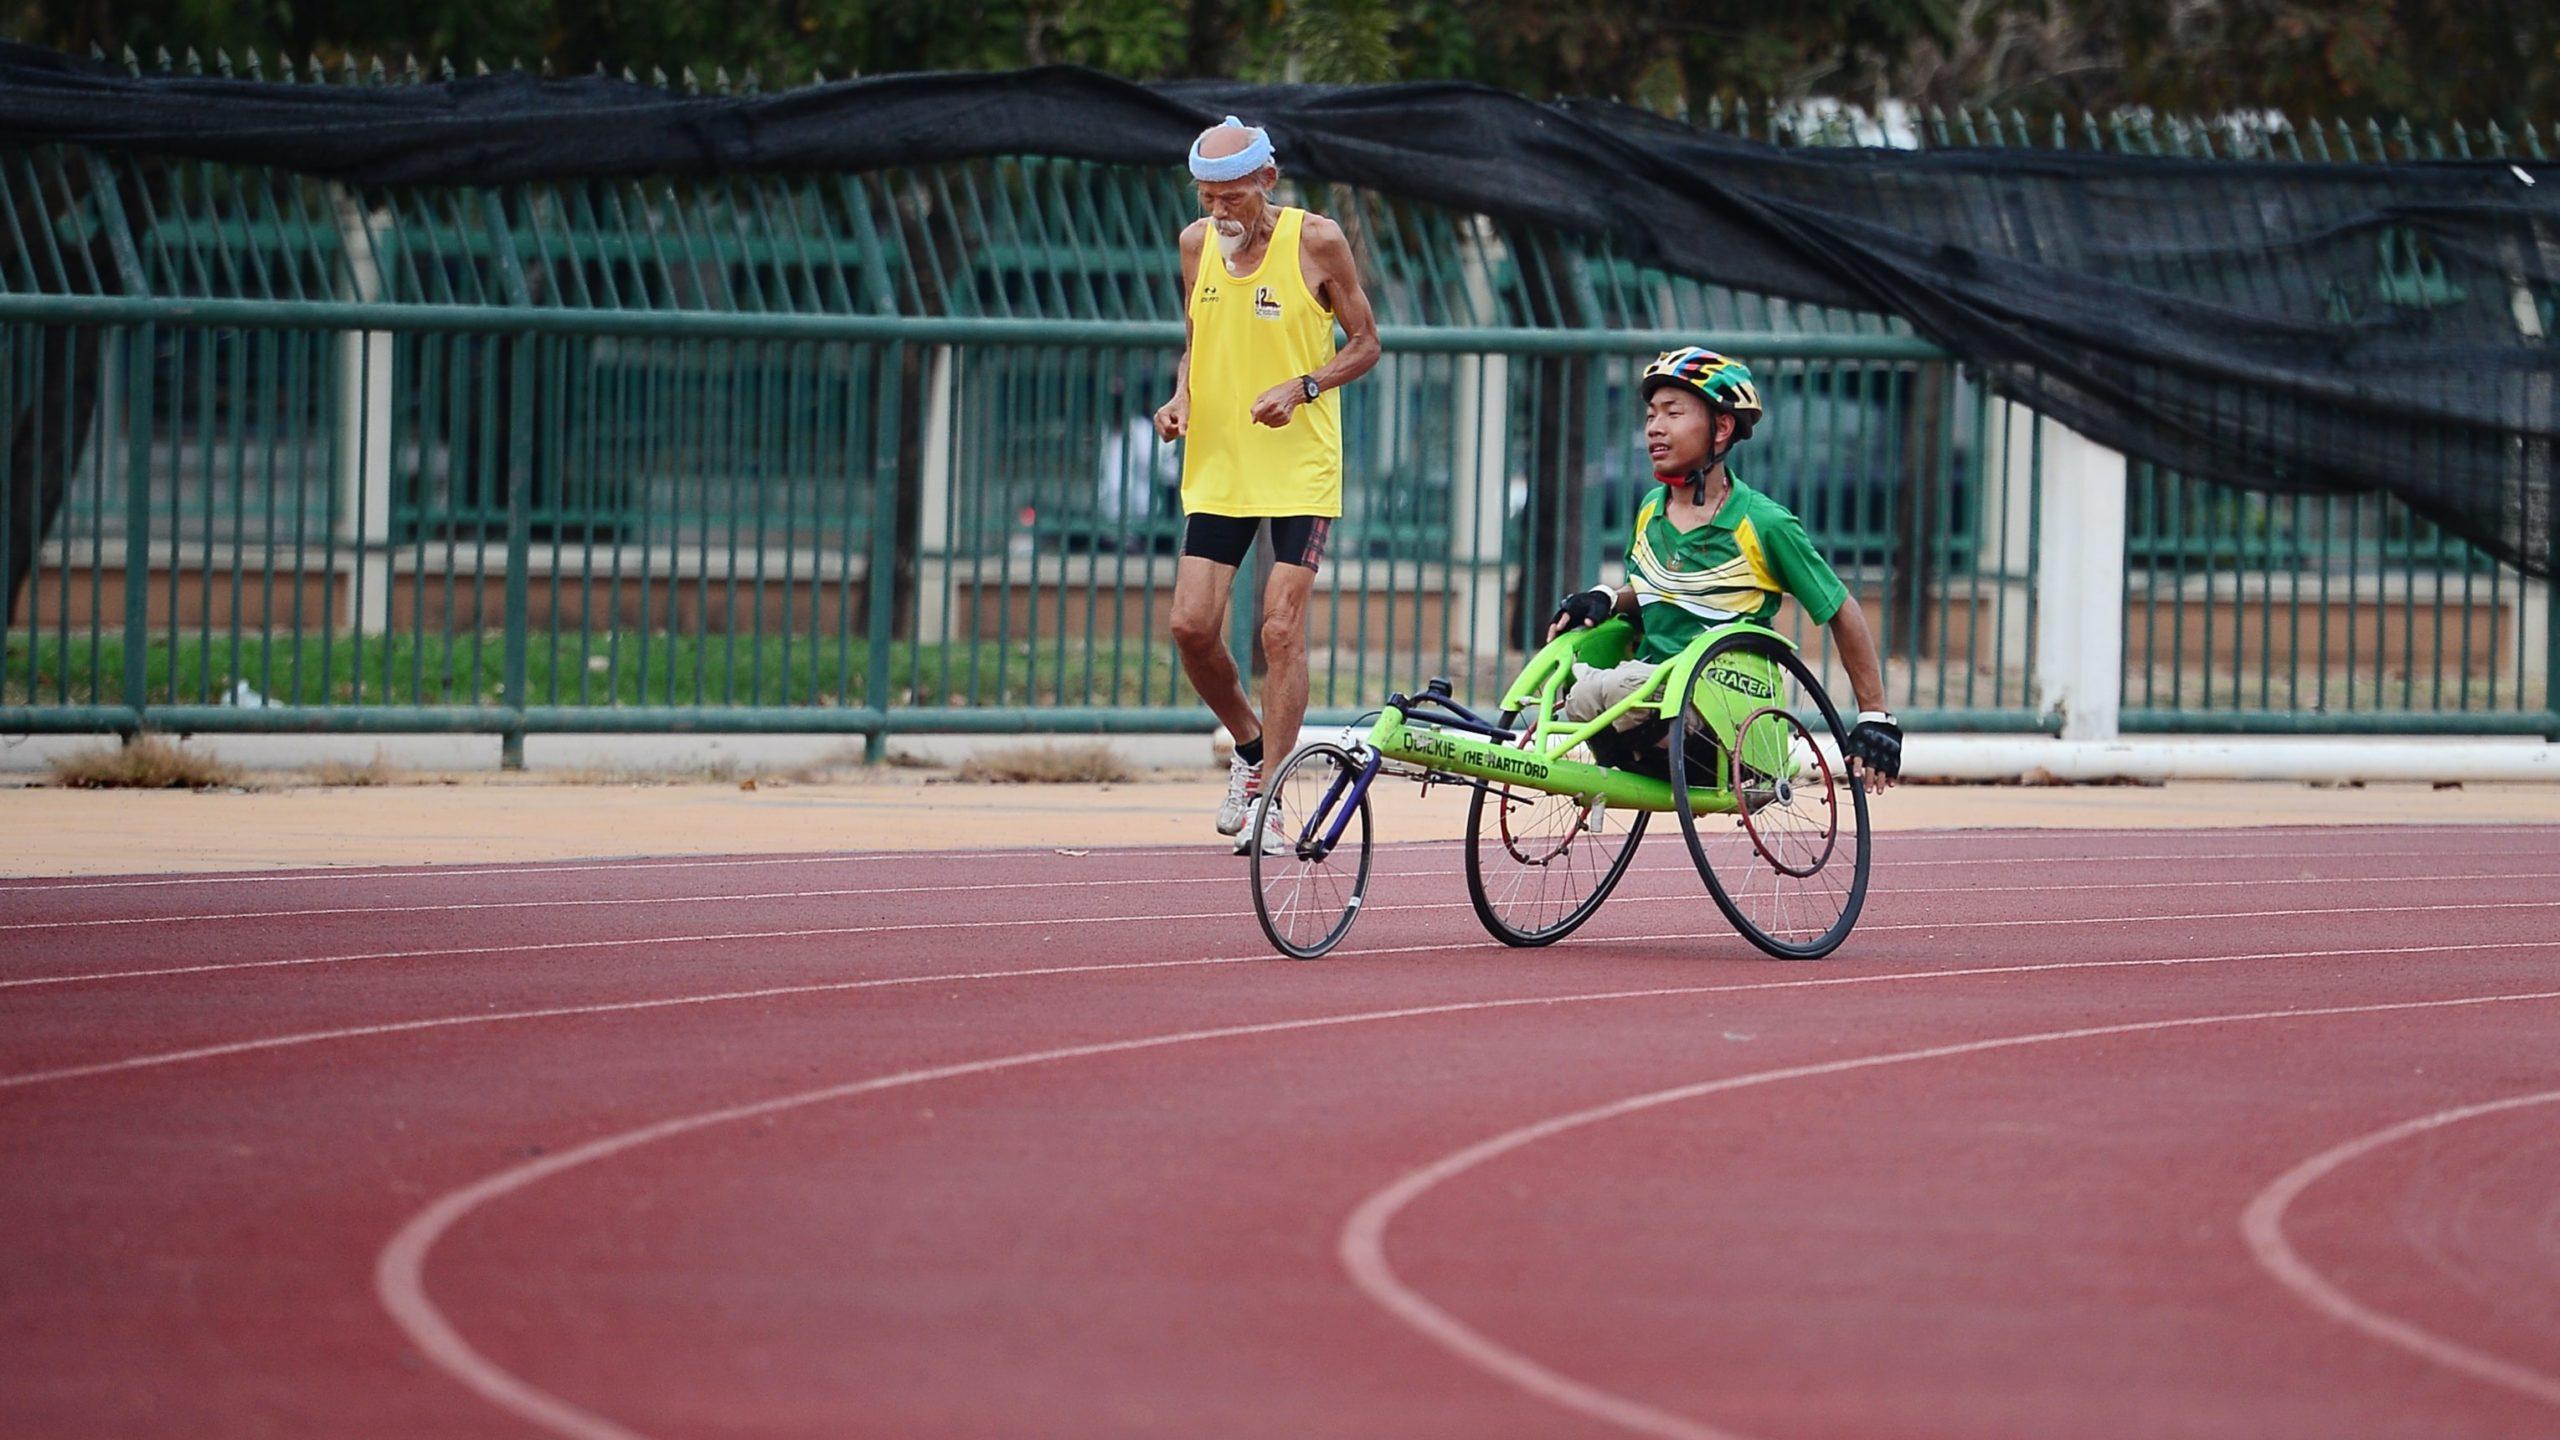 Jugamos todos: olímpicos y paralímpicos disputan los primeros Juegos Inclusivos de la historia